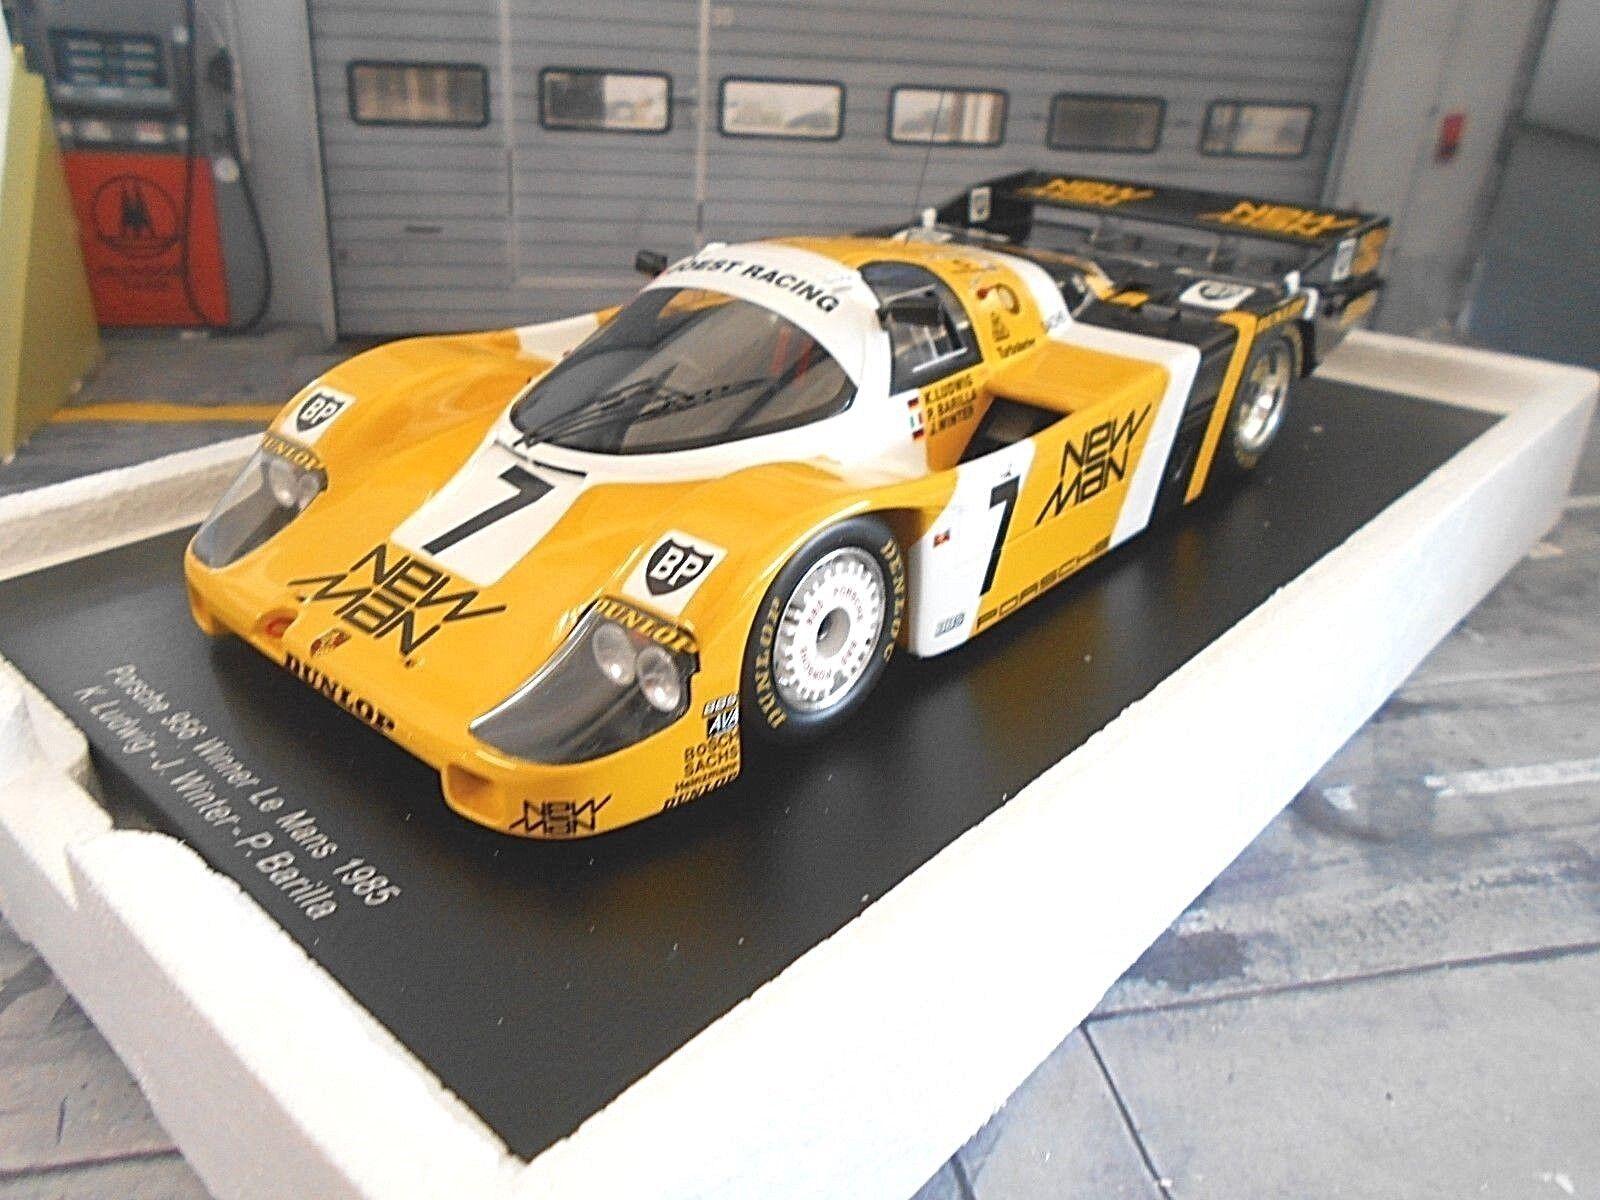 Tienda 2018 Porsche 956l 956 Joest New New New Man  7 Ludwig invierno le mans winner 1985 Spark 1 18  garantía de crédito